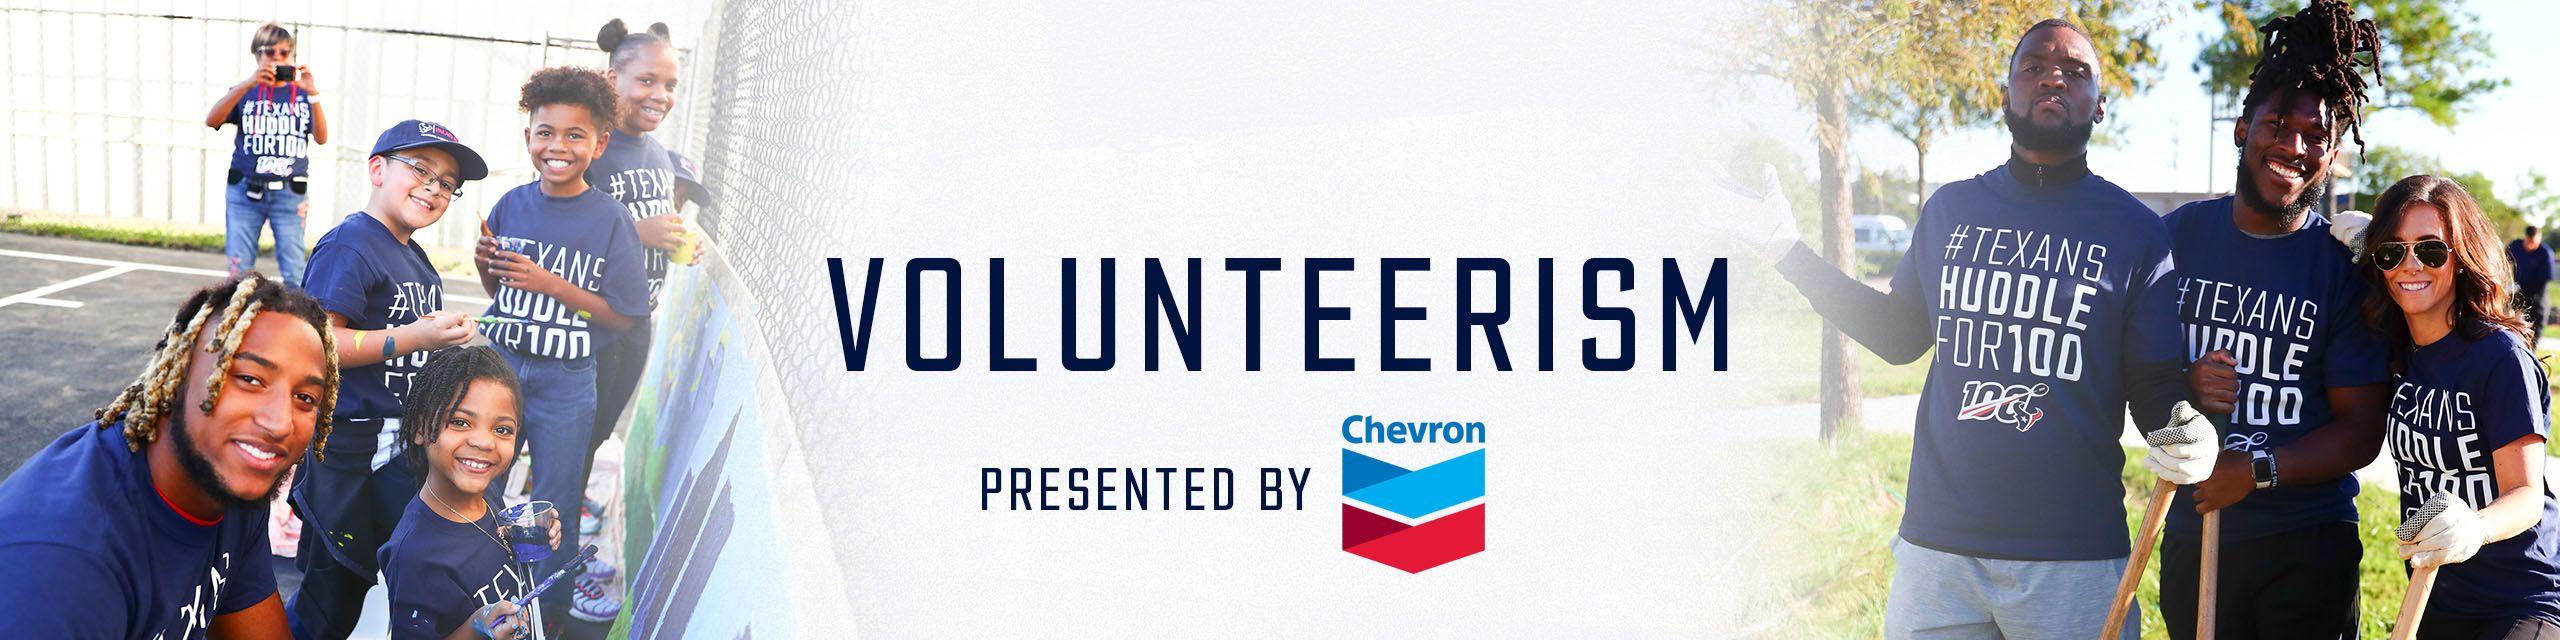 Volunteerism_Hero